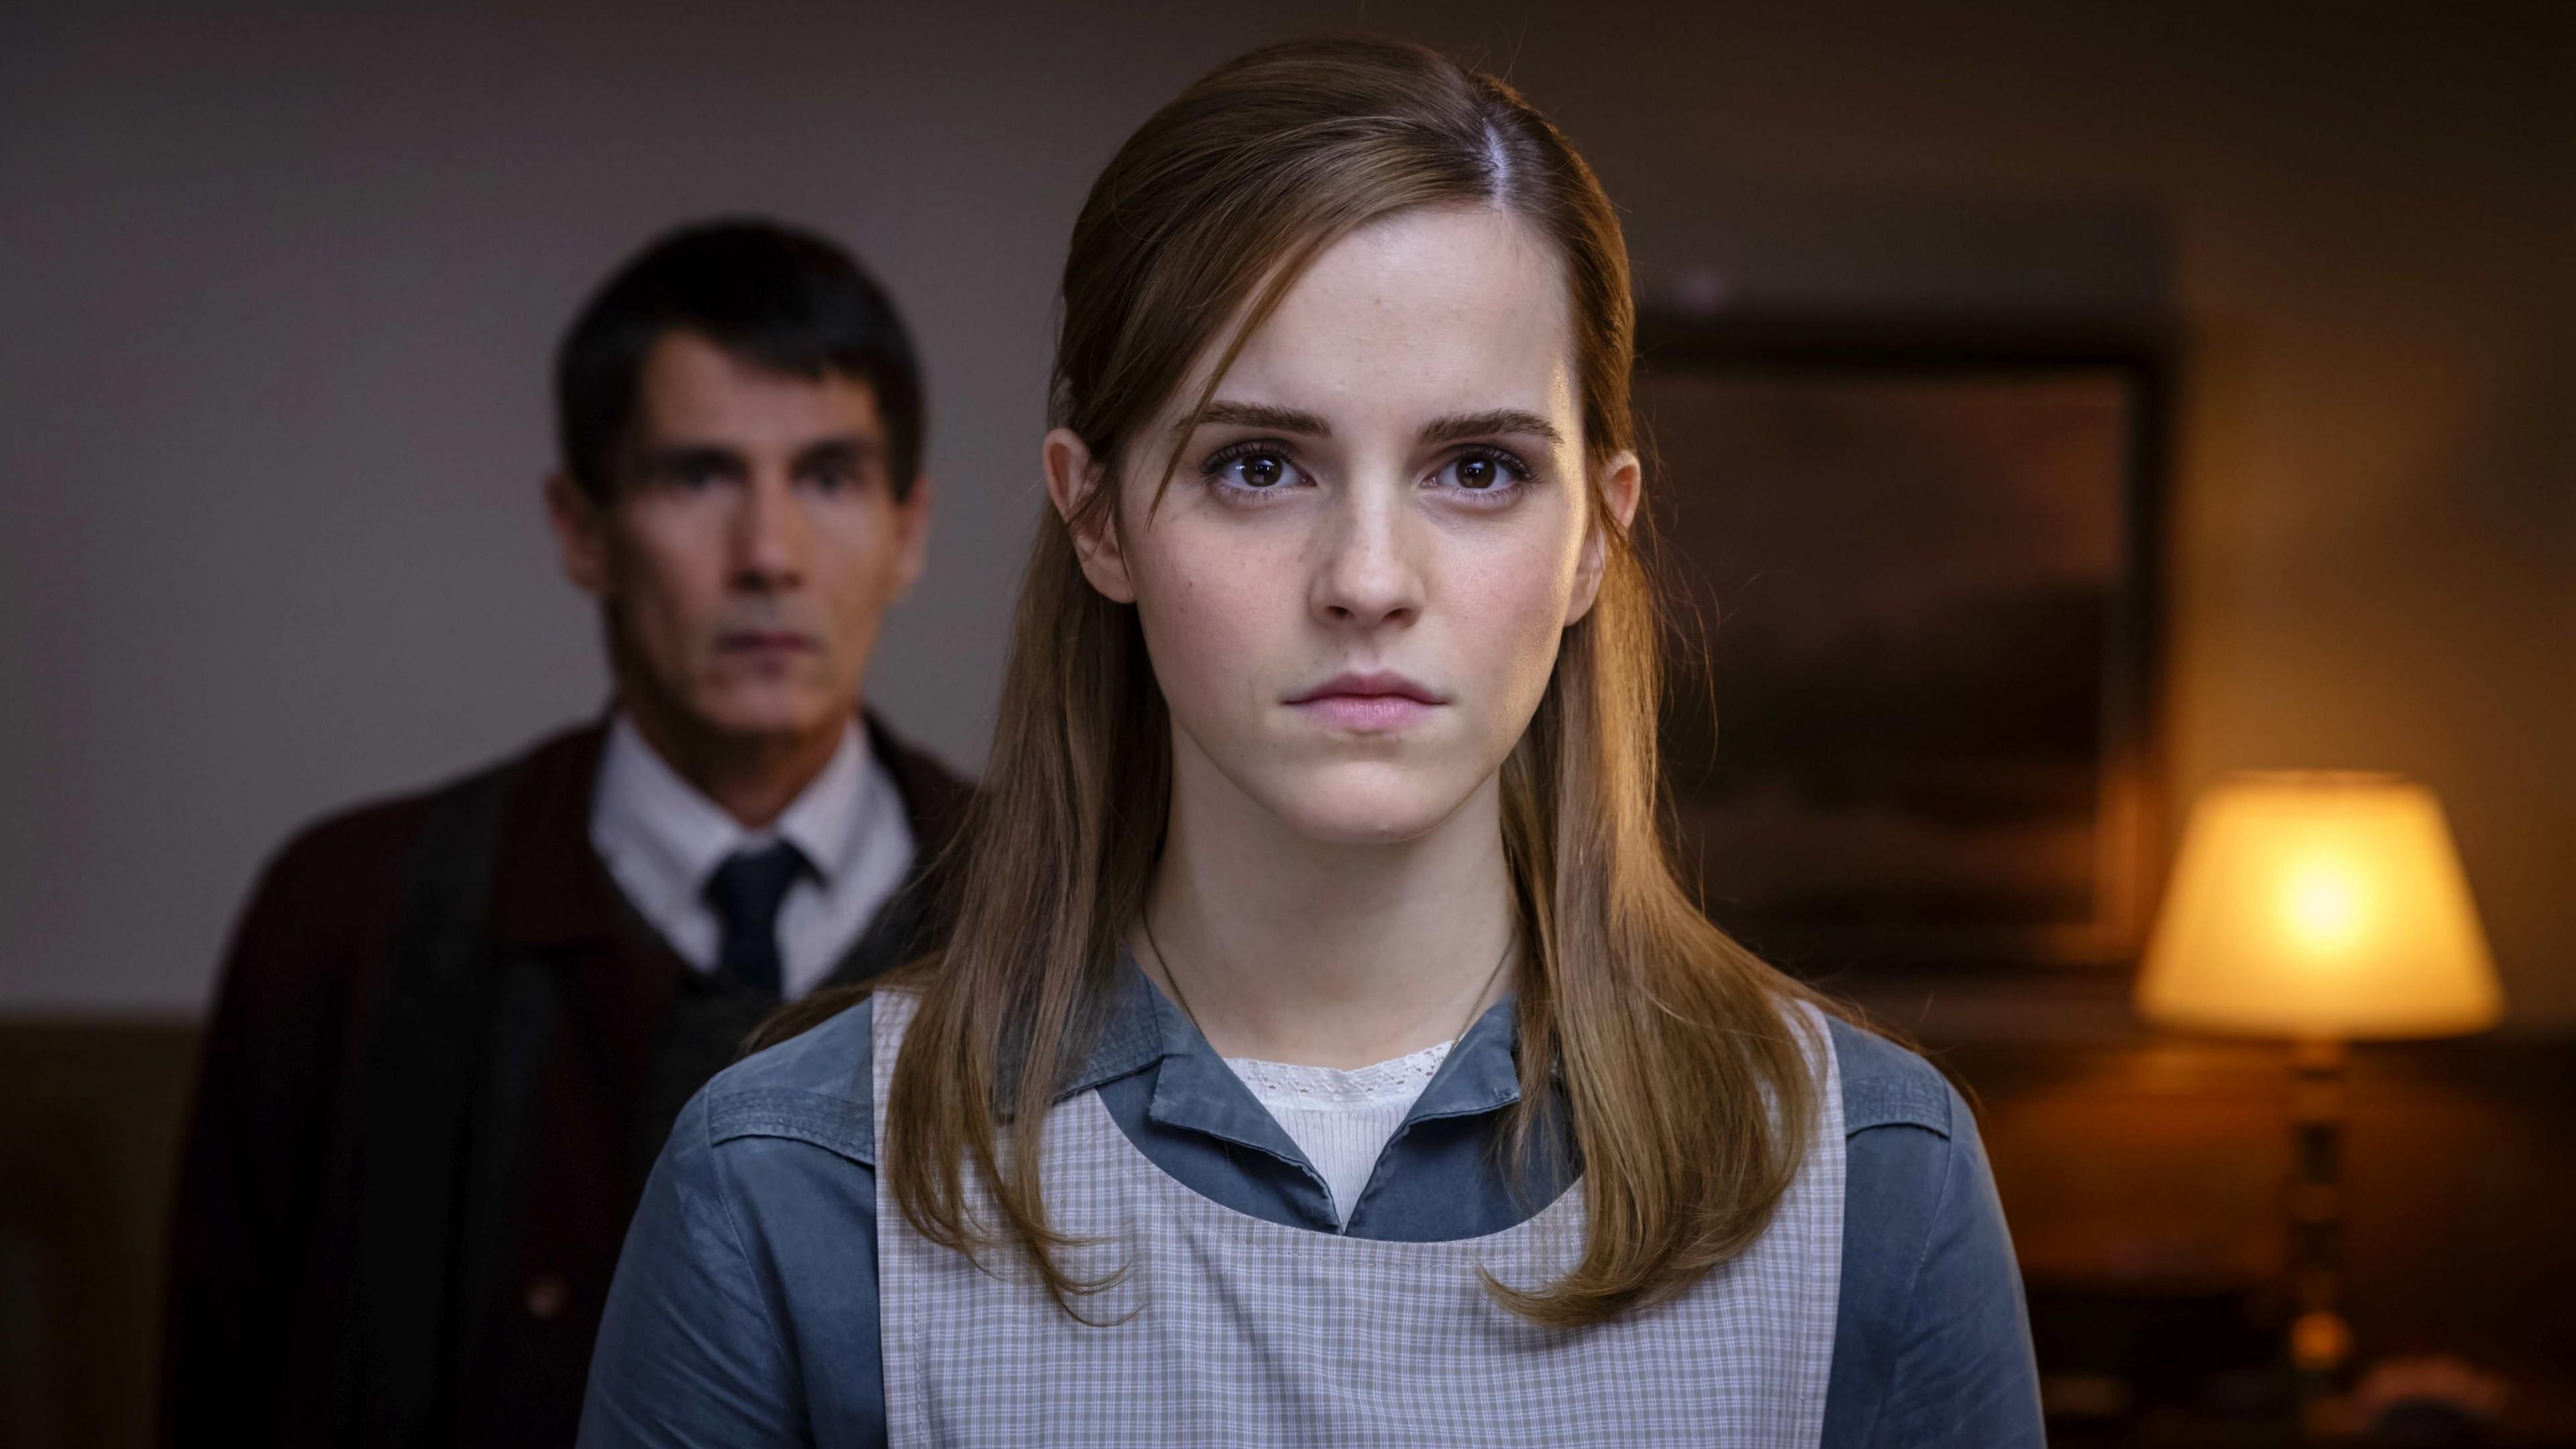 Fondos de pantalla Emma Watson en Película Regresión